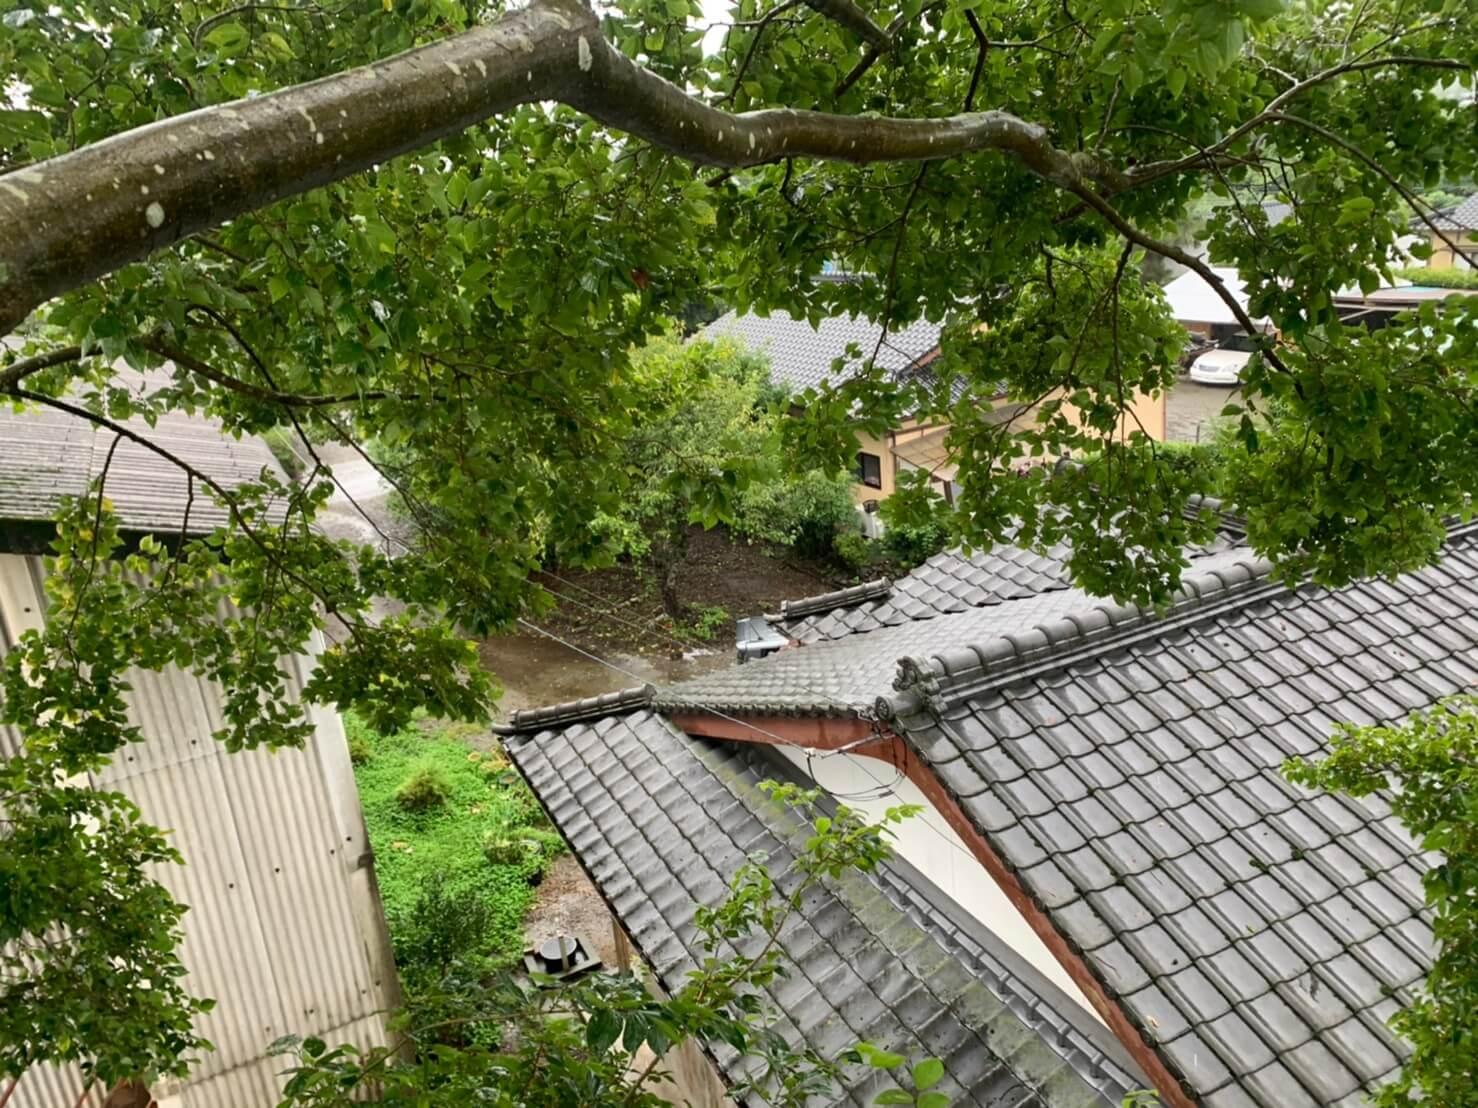 枝の真下には瓦やトタン屋根があるため、作業は慎重かつスピーディーに